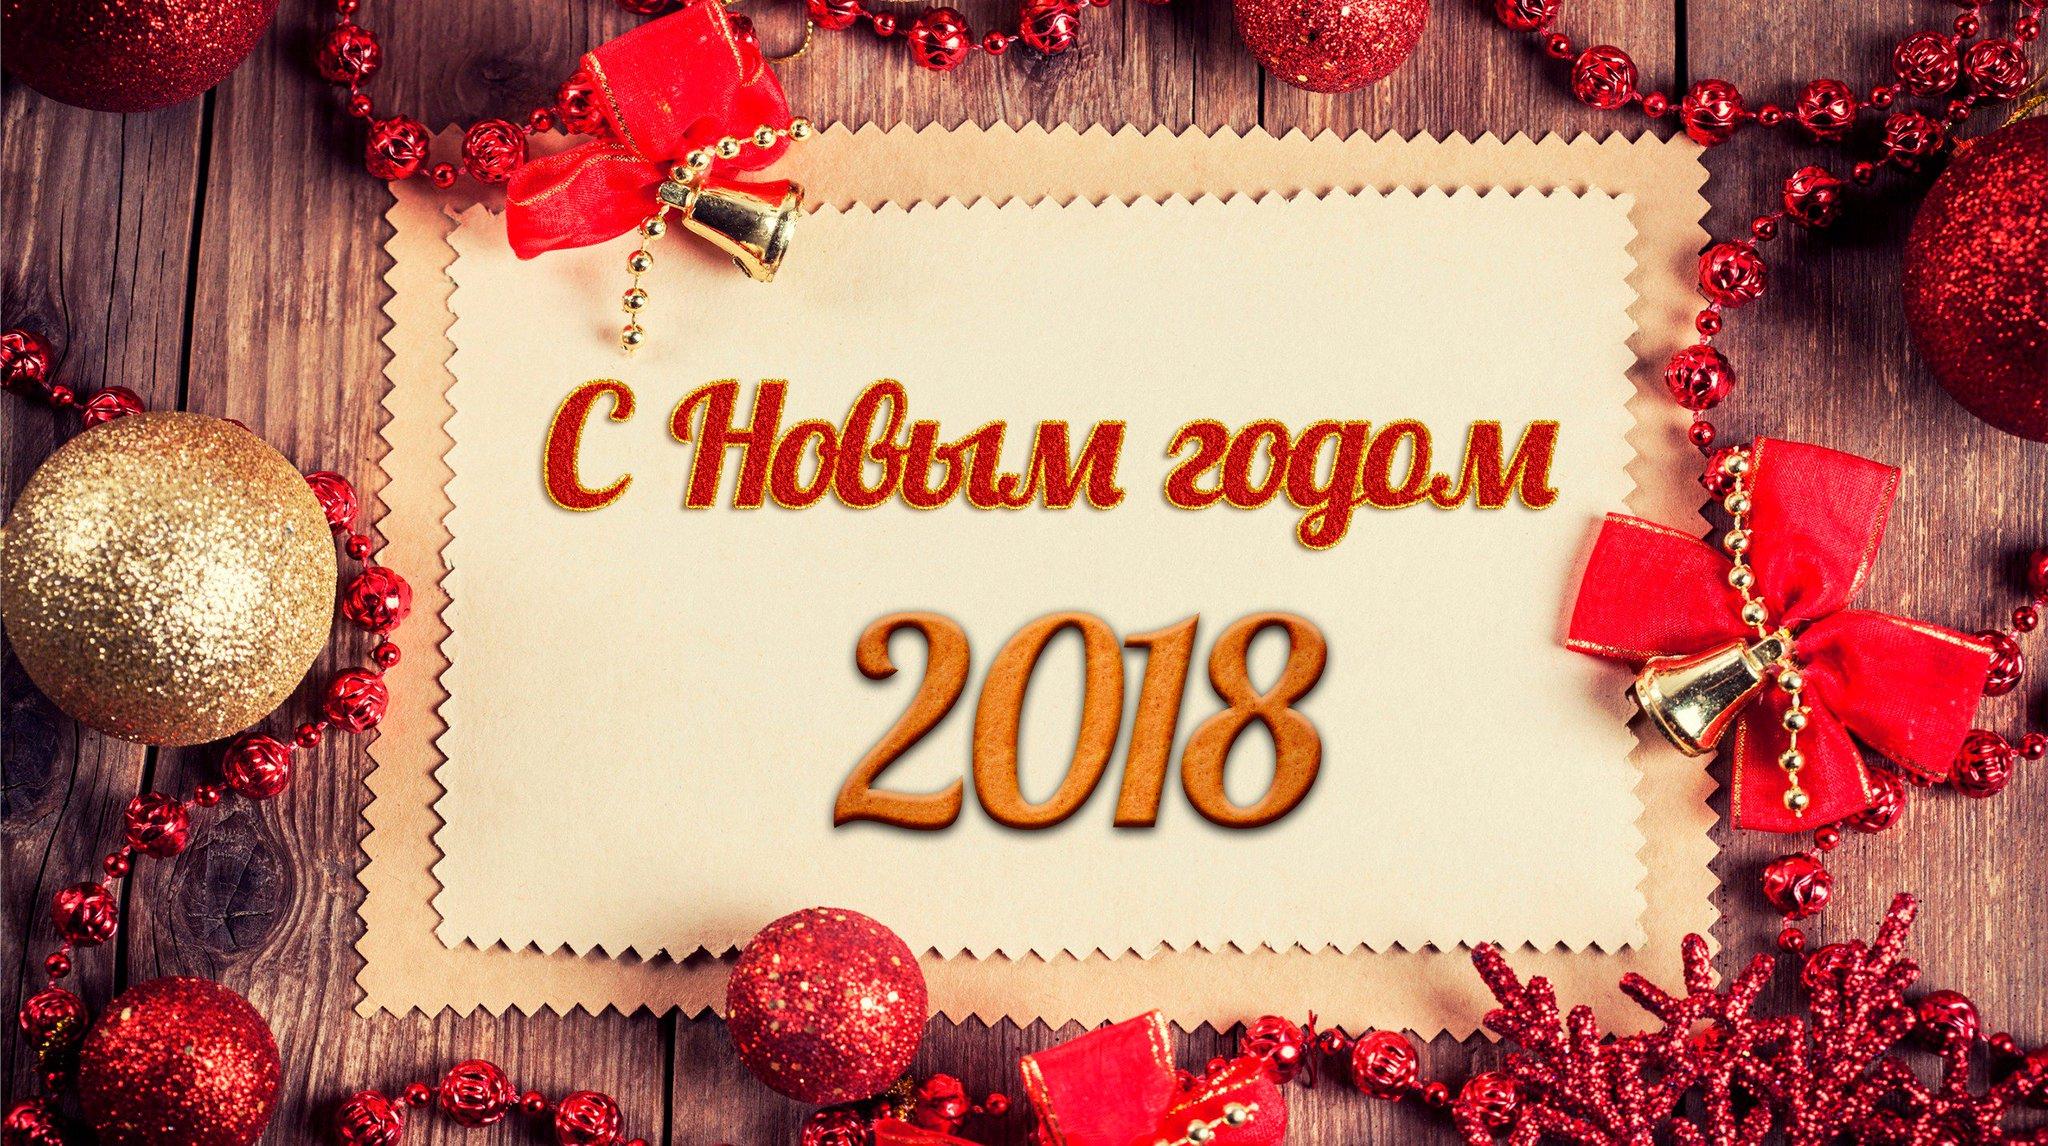 Картинка новогодняя надпись с новым годом, днем рождения бодибилдеру